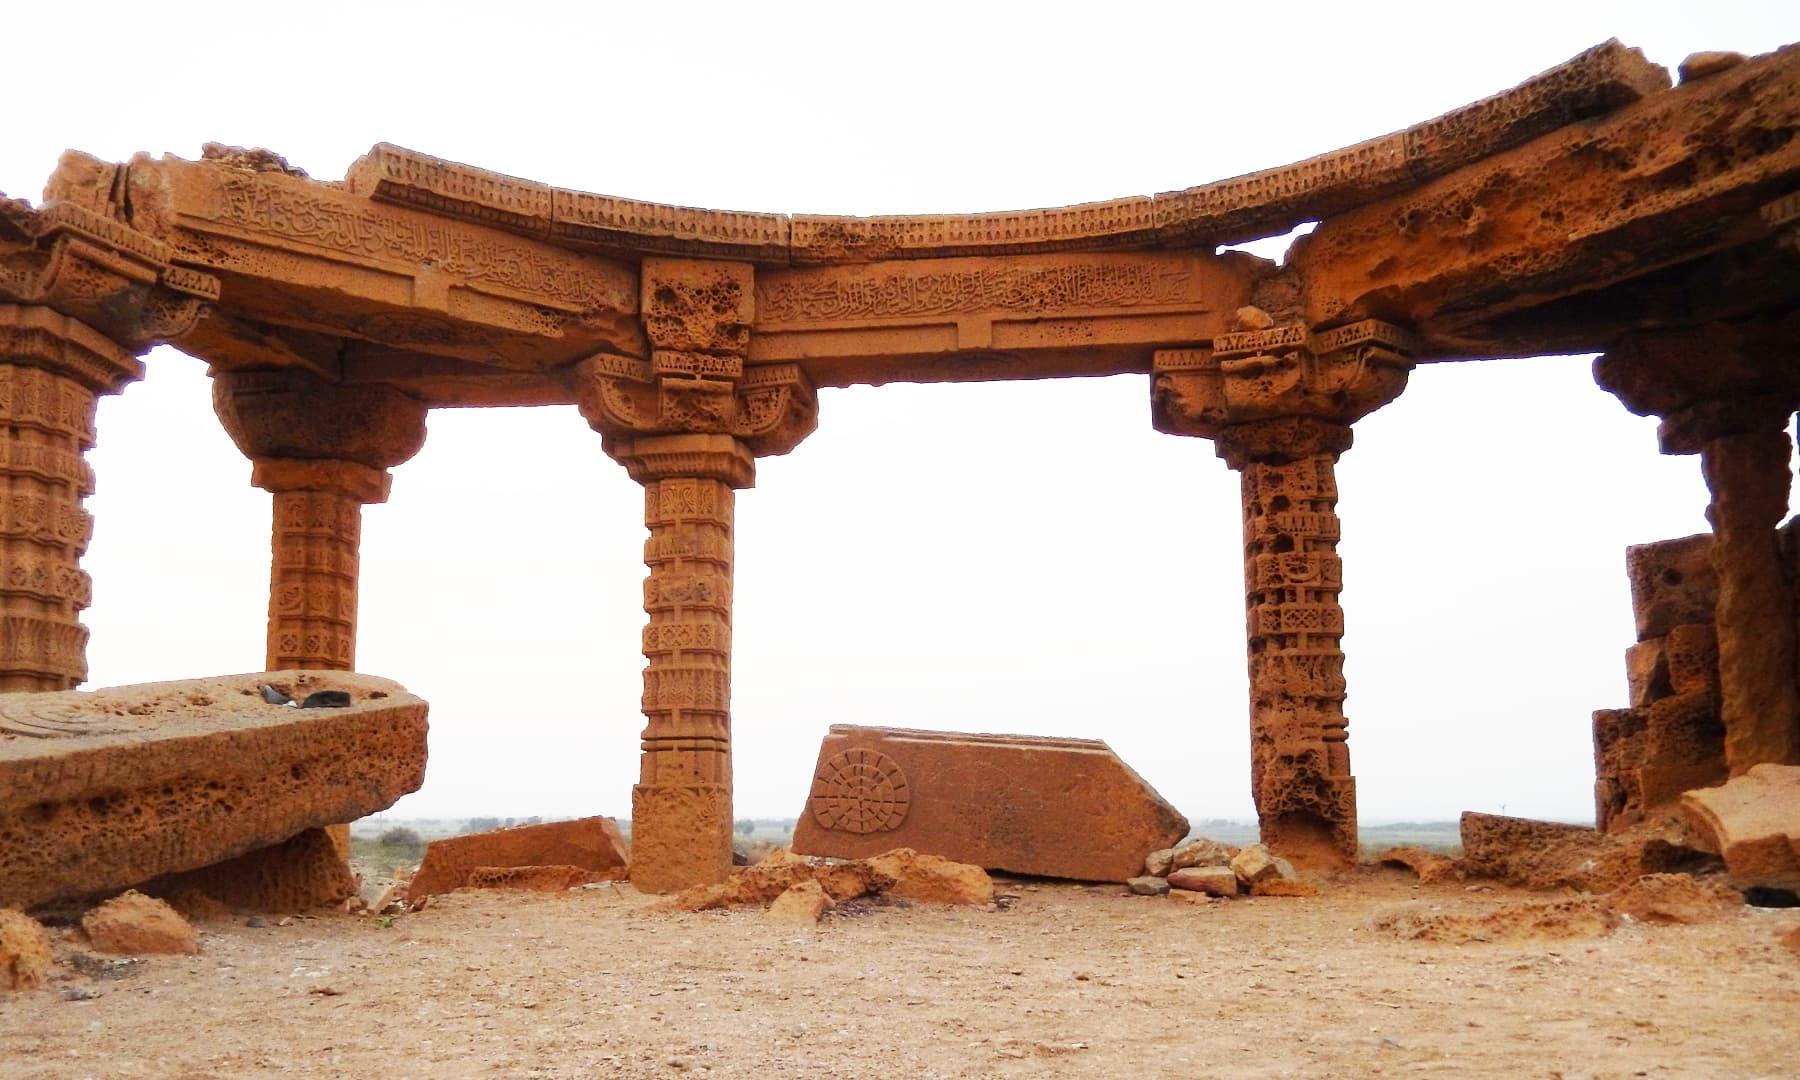 مکلی کے مقام پر موجود سنگتراشی کے نمونے — تصویر ابوبکر شیخ